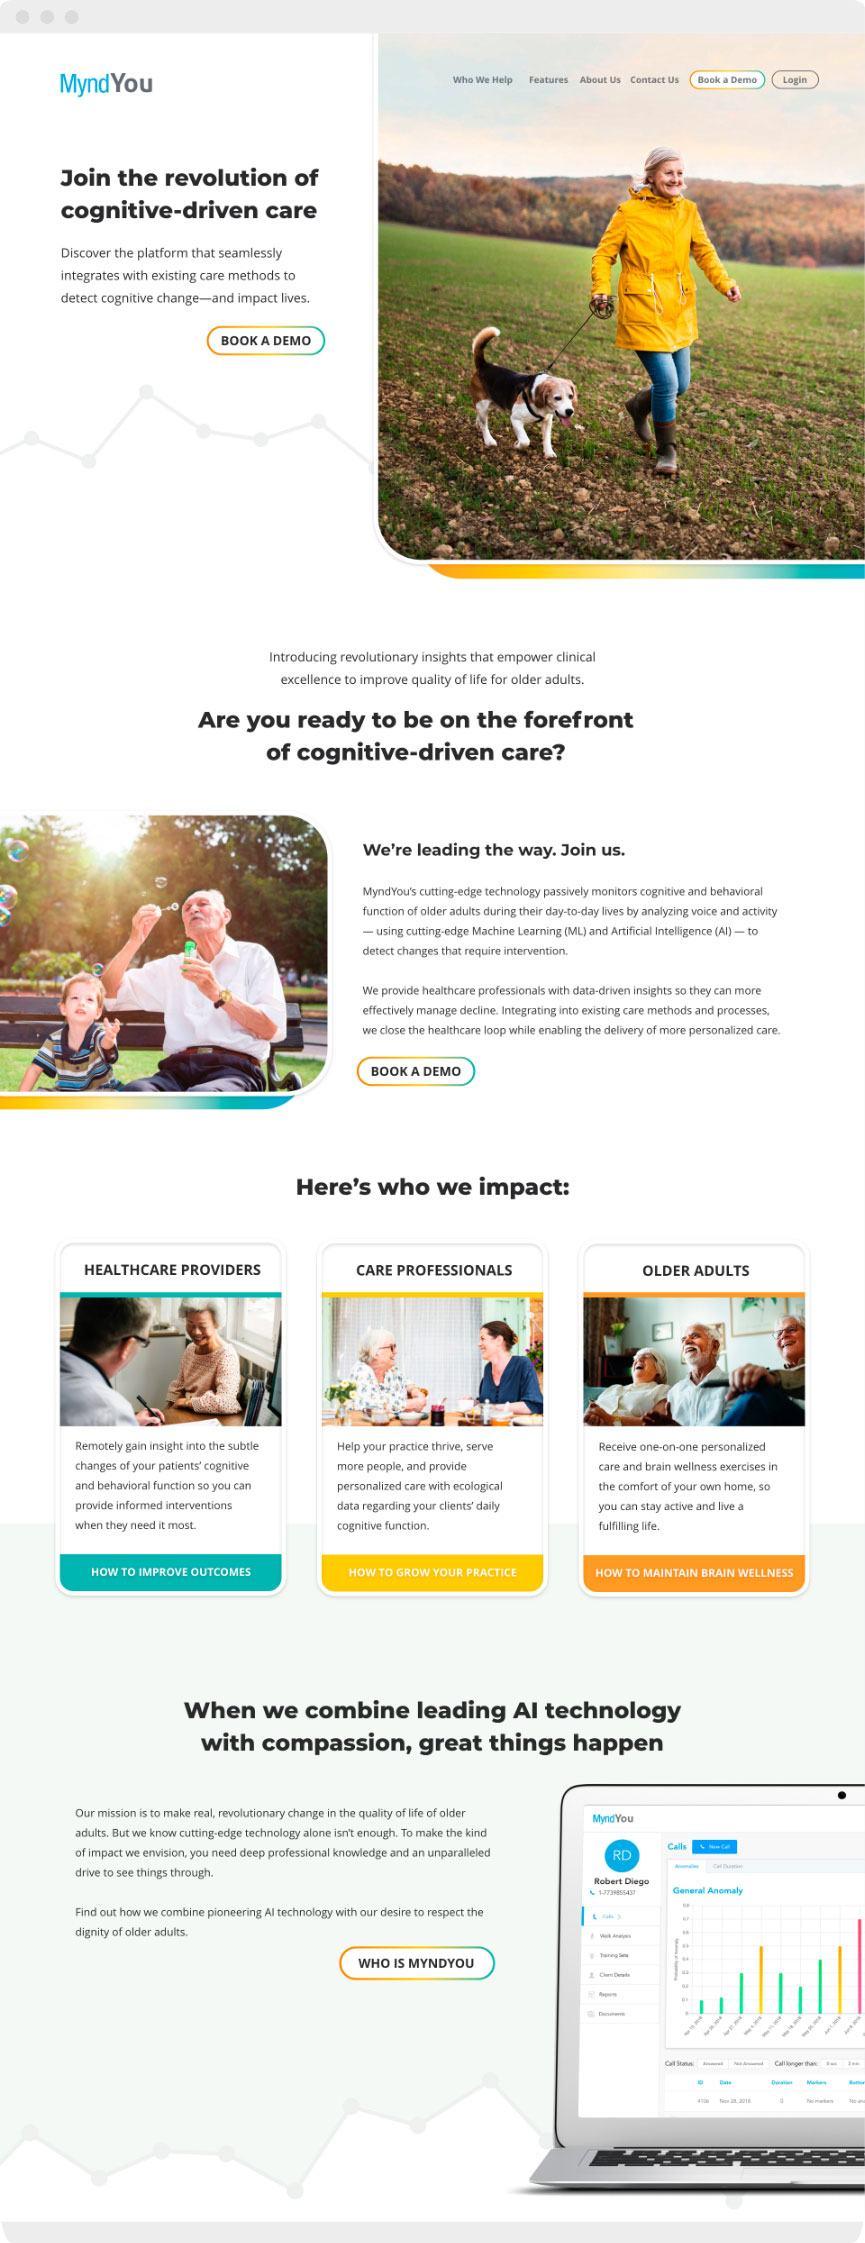 MyndYou-Website-Design-Mockup-by-RKA-ink